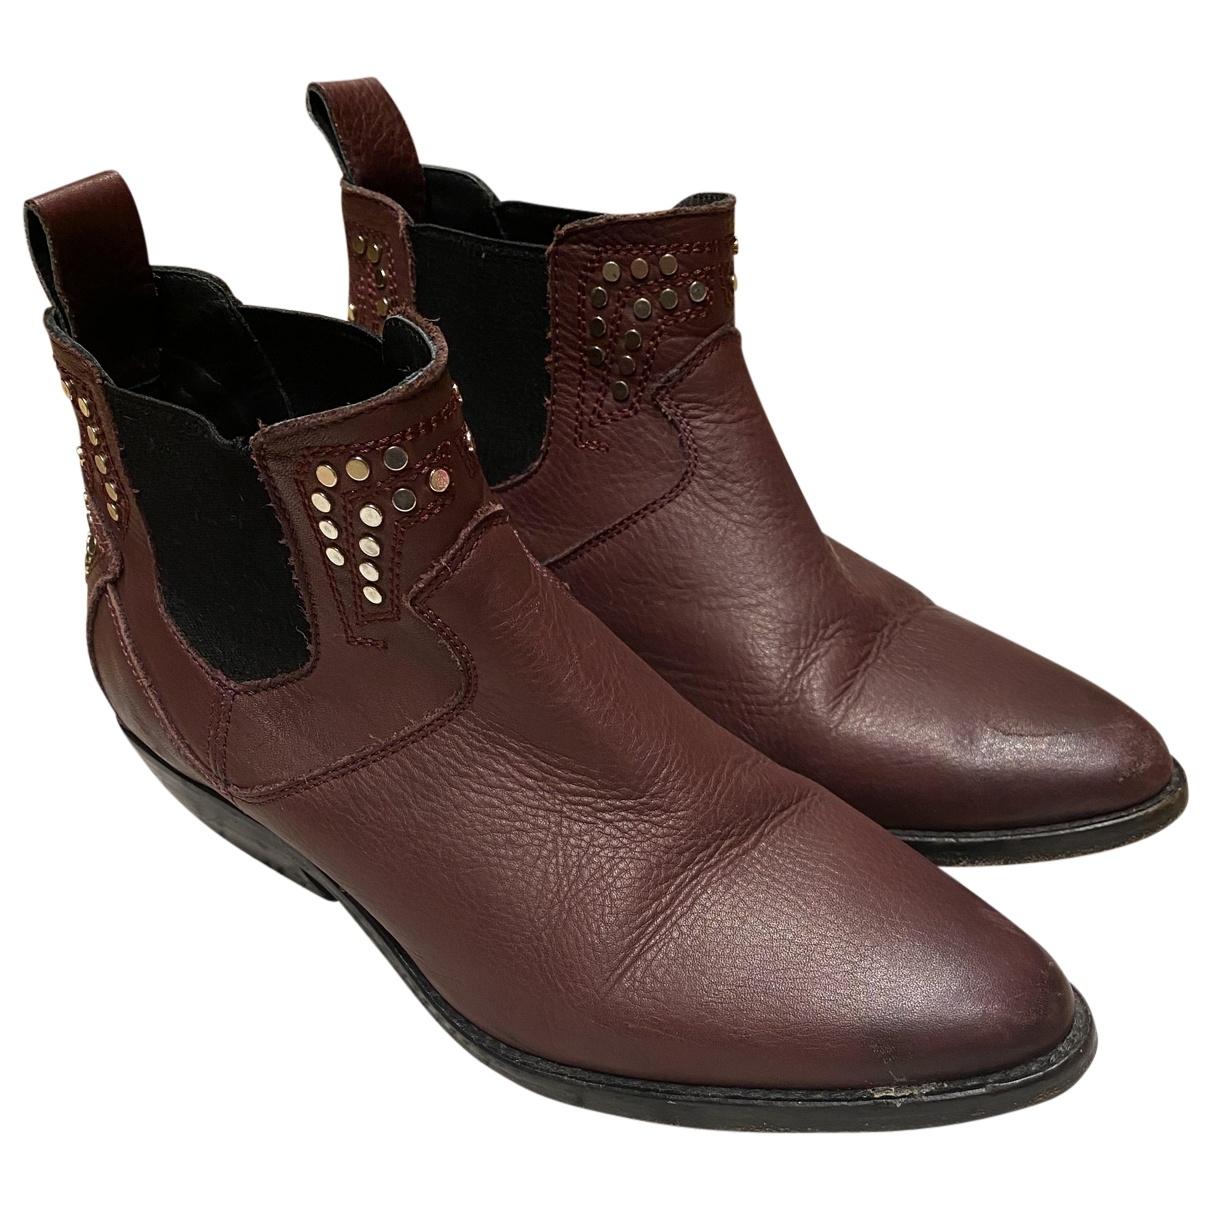 Zadig & Voltaire - Boots   pour femme en cuir - bordeaux